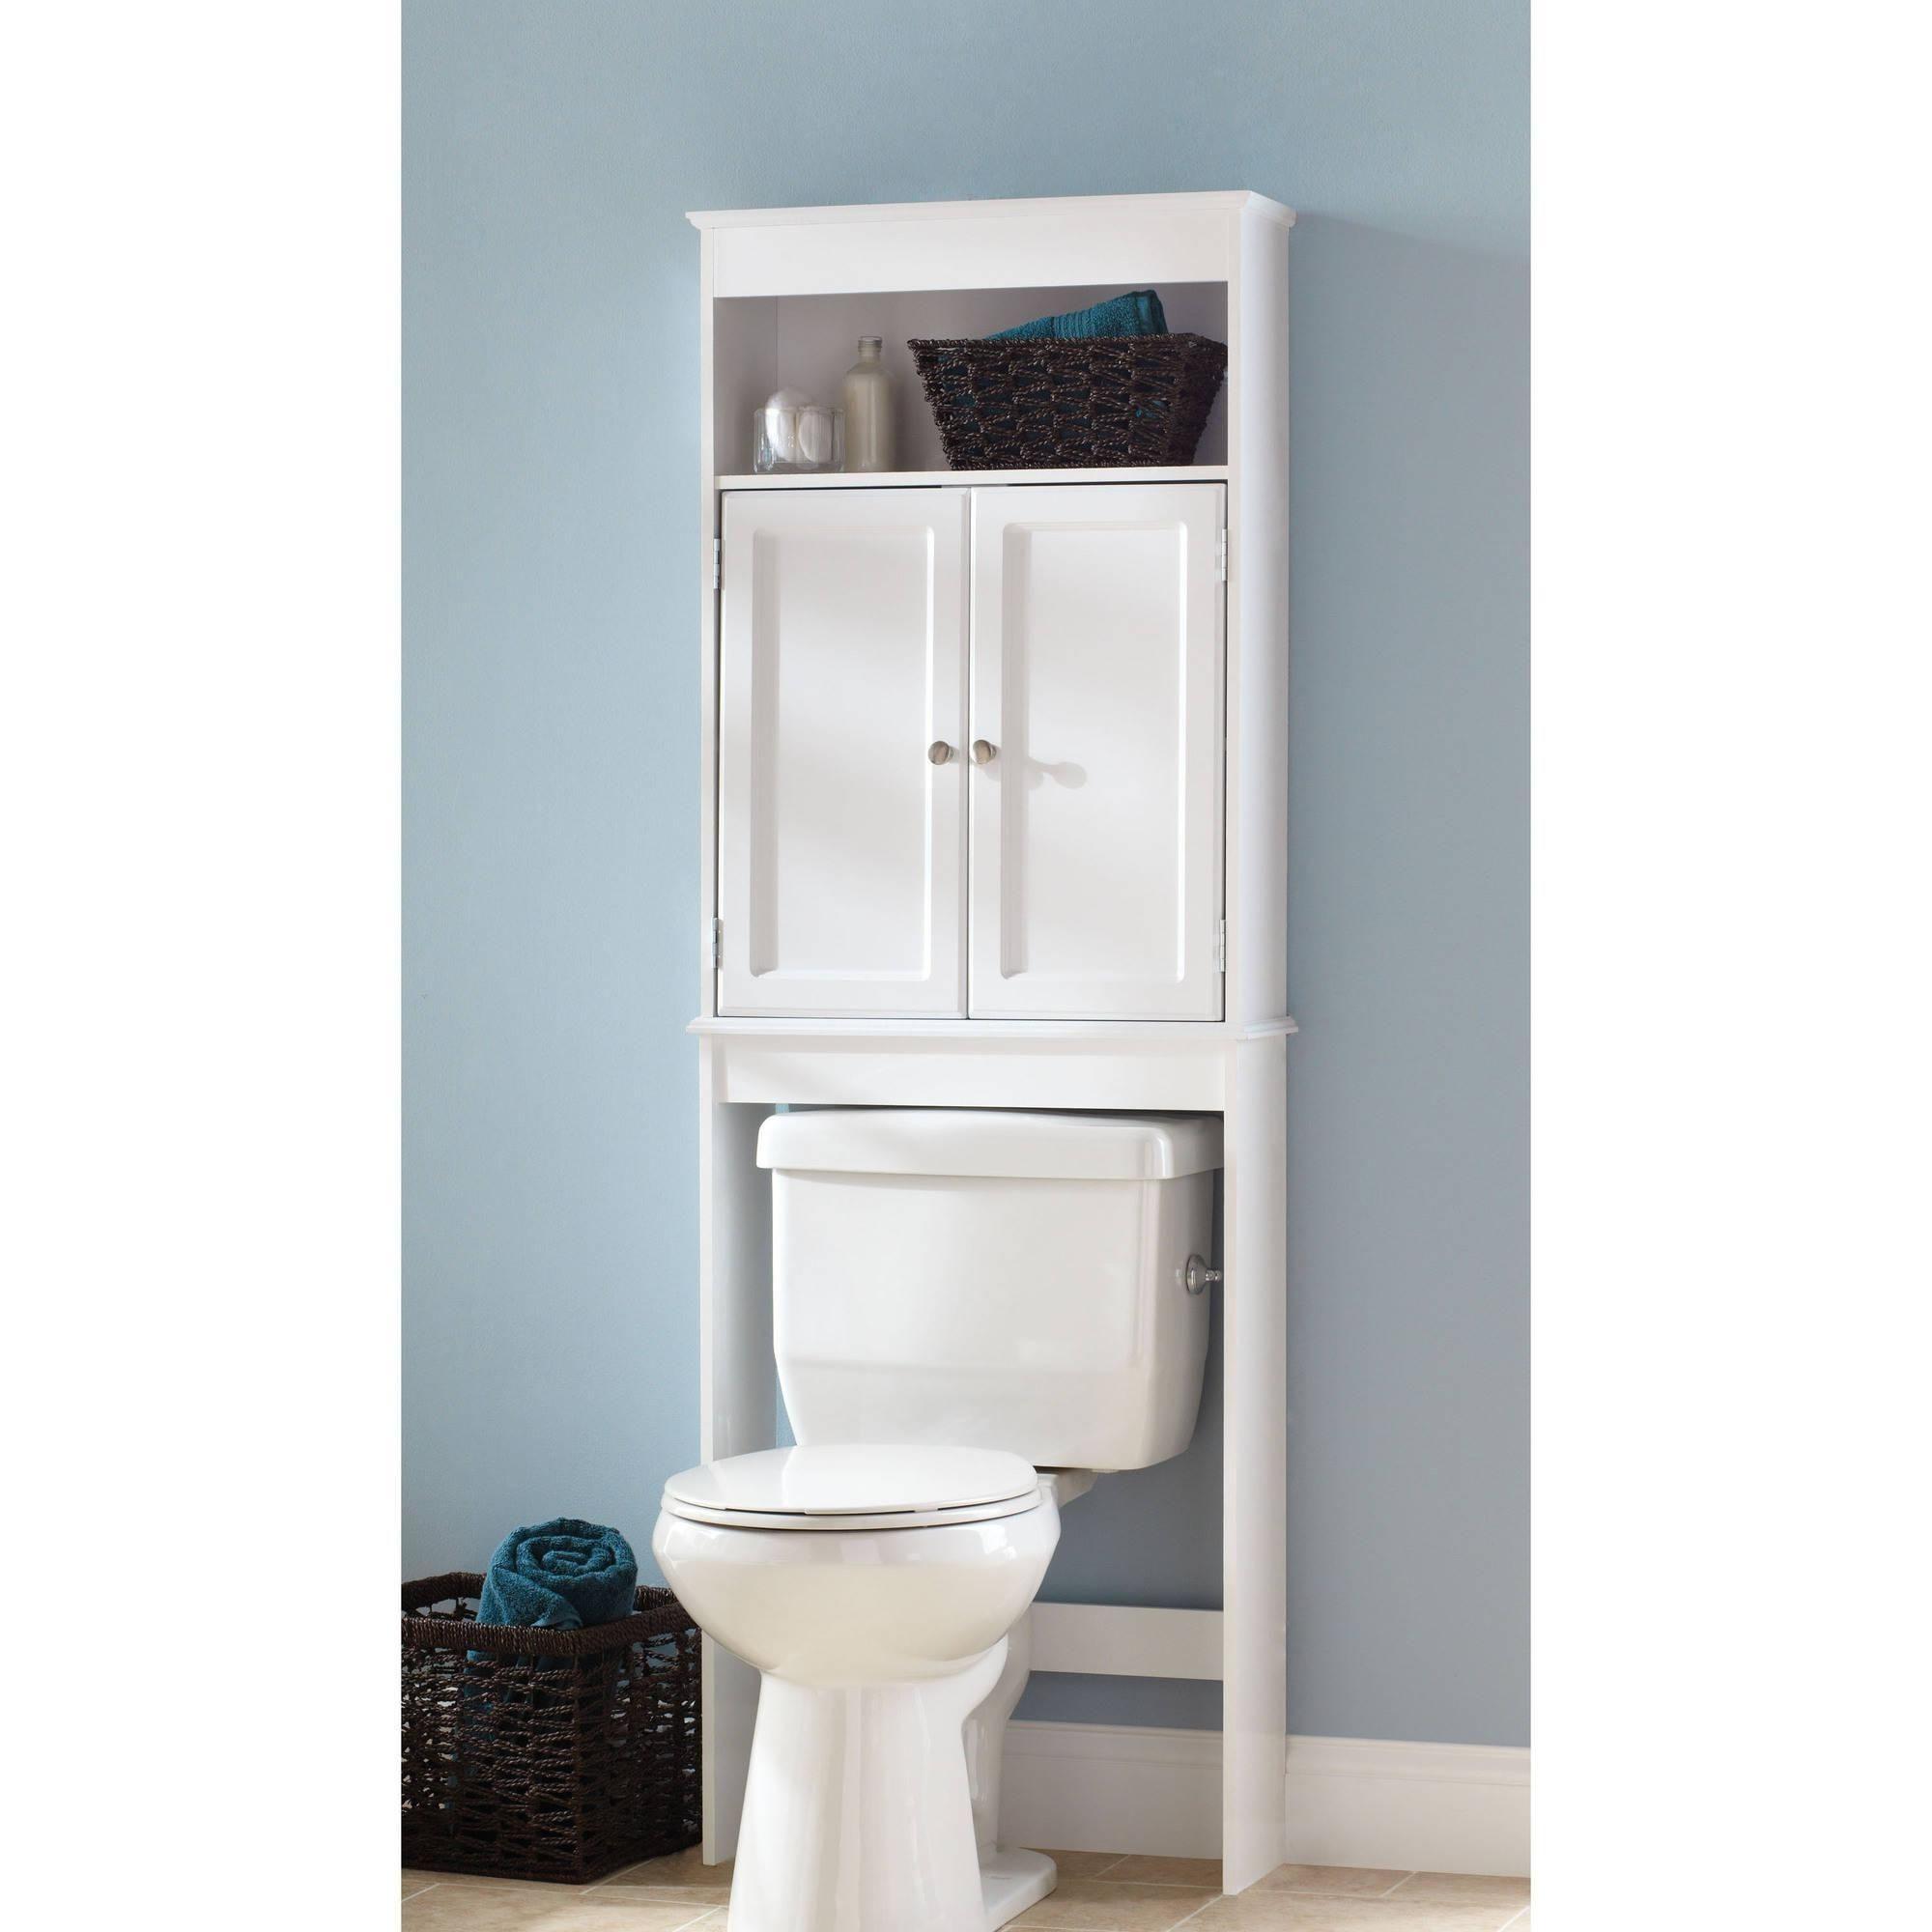 Weißes Badezimmer Regal Mit Handtuchhalter Schwebende Glas ...